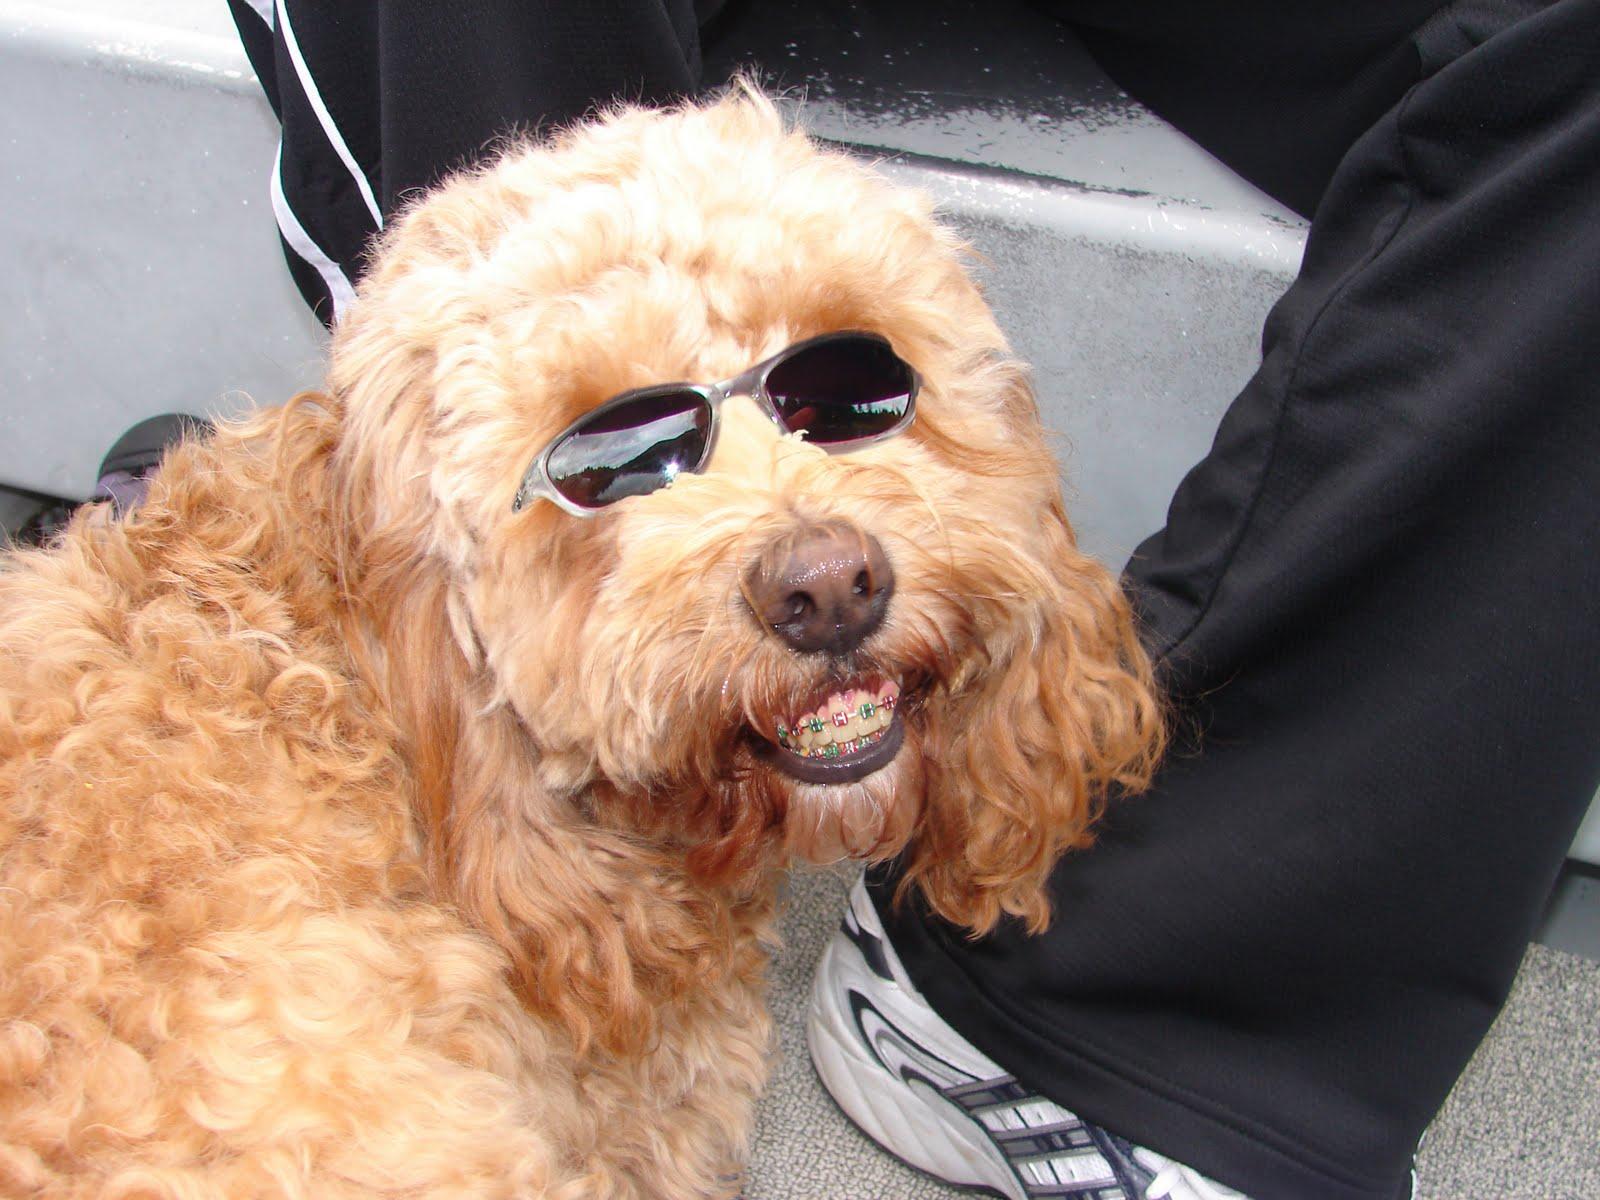 http://1.bp.blogspot.com/-TJTQ3_xYUYU/TbGRhoDqmwI/AAAAAAAAANQ/1q6TE4fUnRM/s1600/dog_braces.jpg